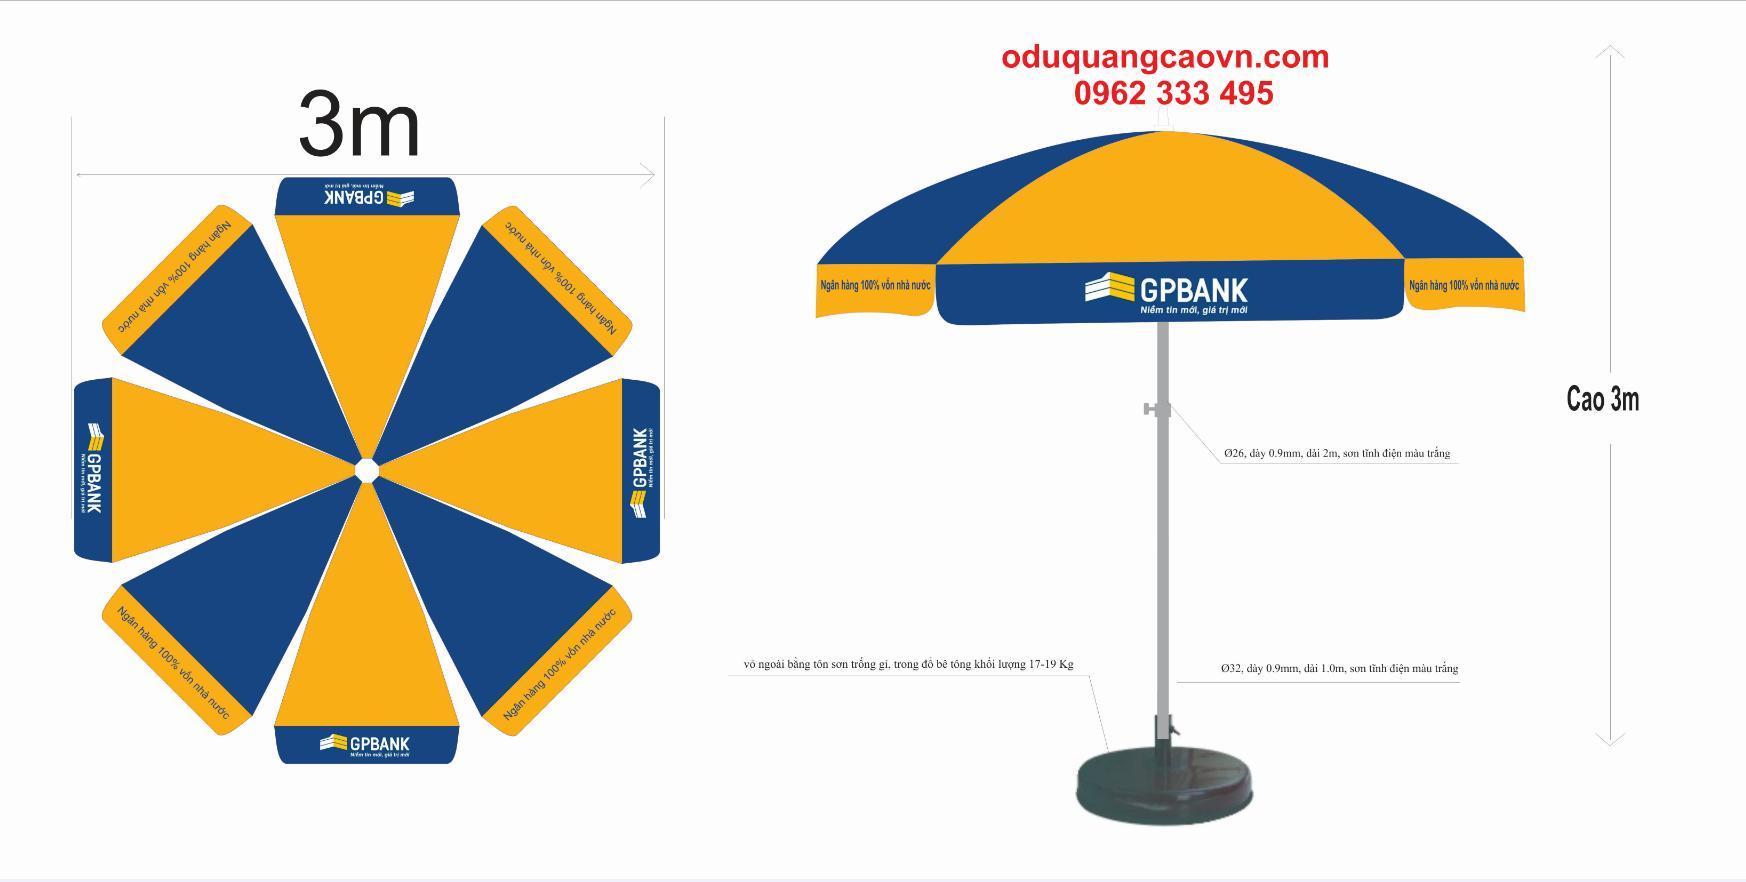 Nhu cầu sử dụng ô dù quảng cáo hiện nay ngày một nhiều